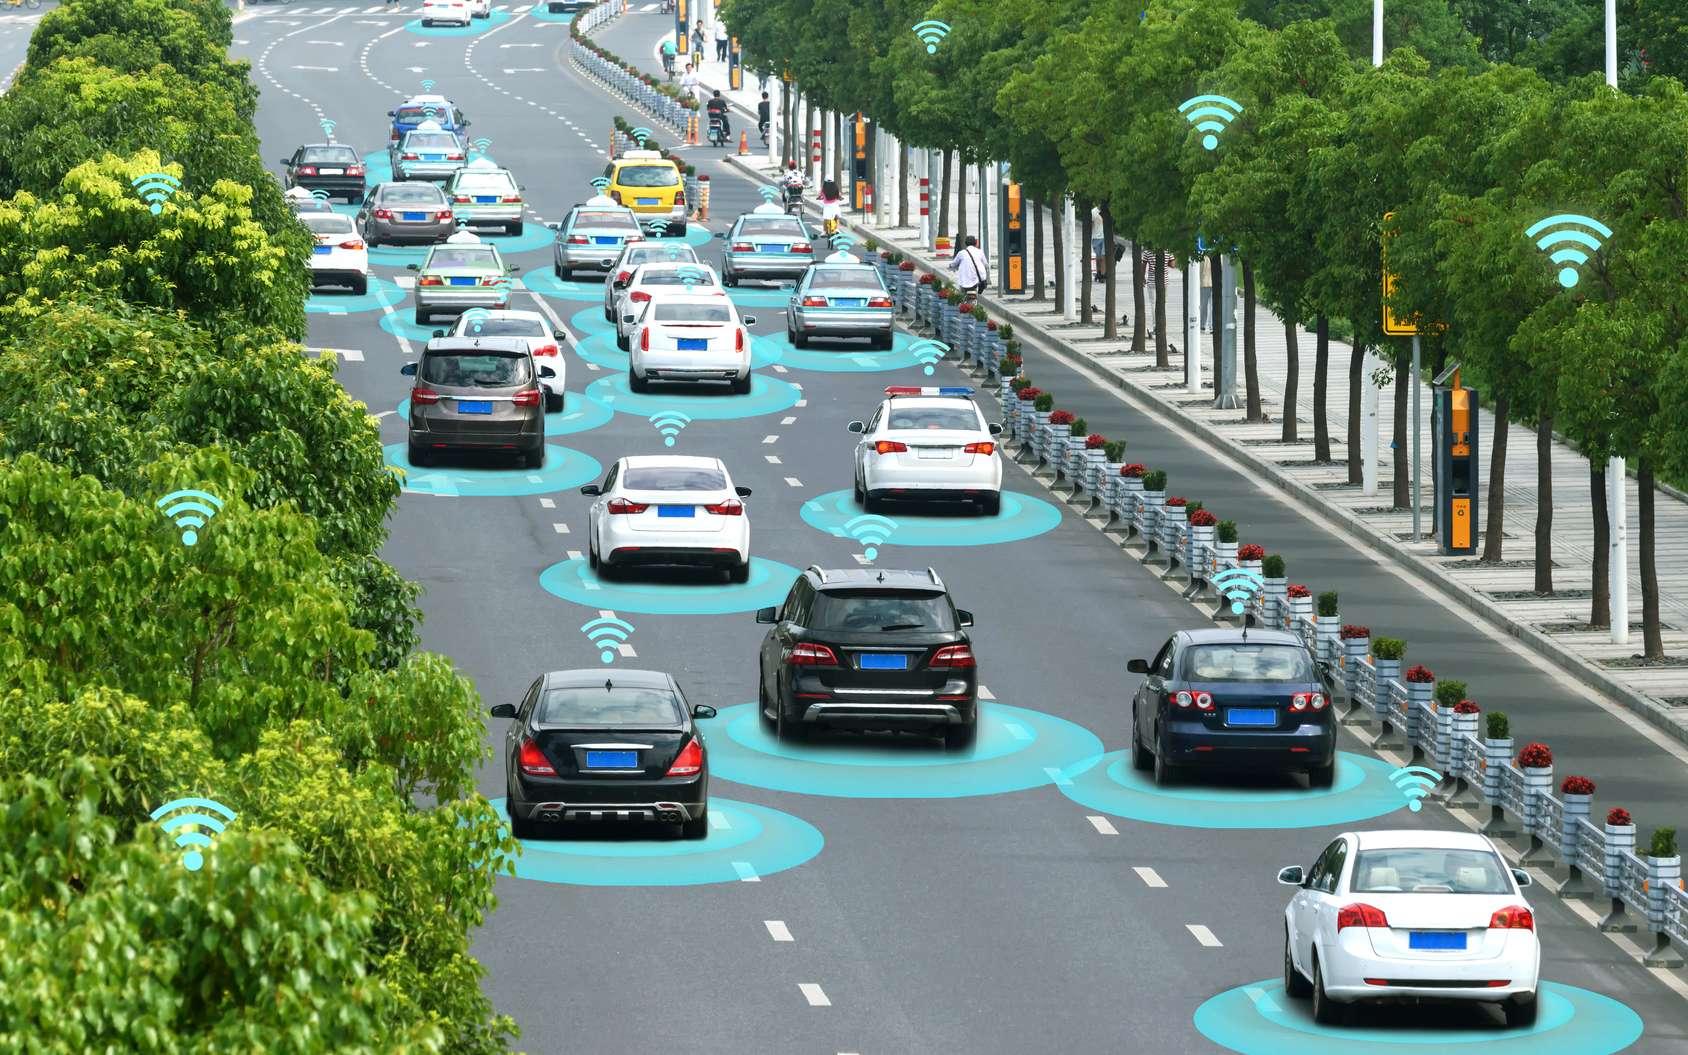 Les voitures autonomes pourraient avoir l'effet inverse à celui attendu sur le trafic automobile en aggravant les embouteillages au lieu de les faire disparaître. © zapp2photo